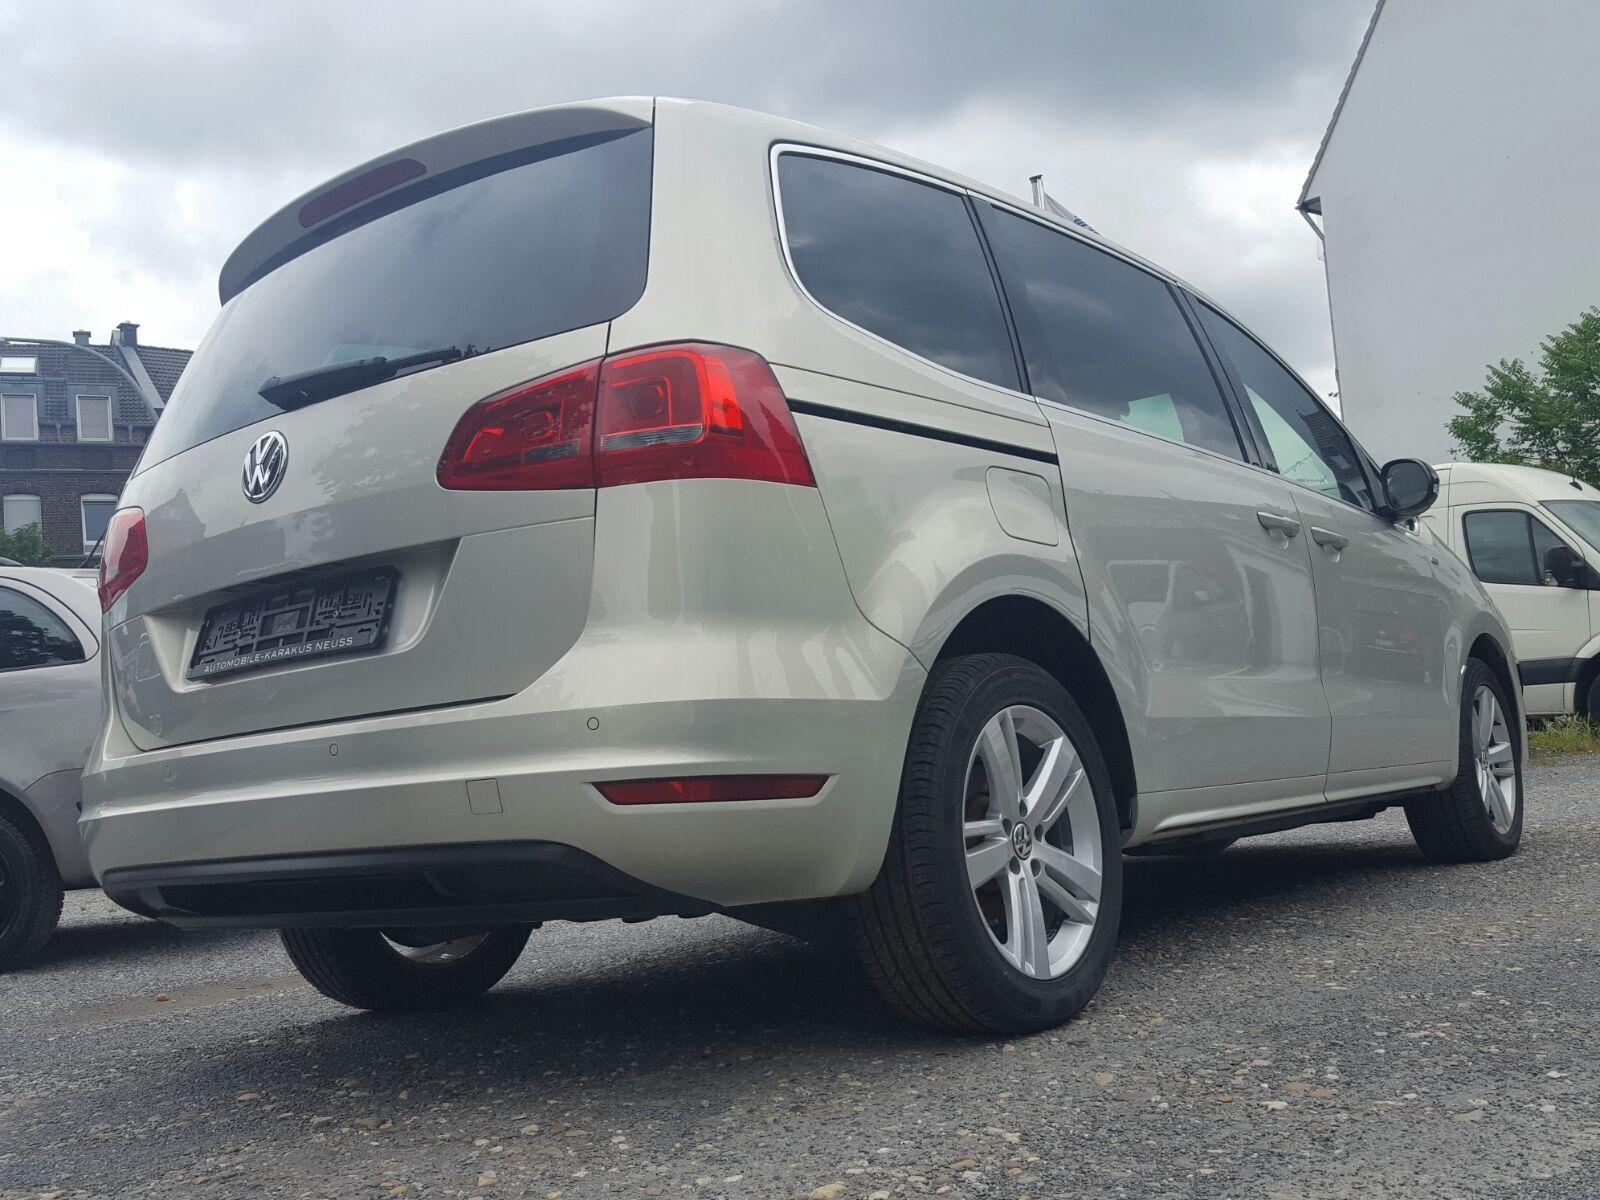 VW Sharan 2.0 TDI DSG Match Panorama/Leder/Navi